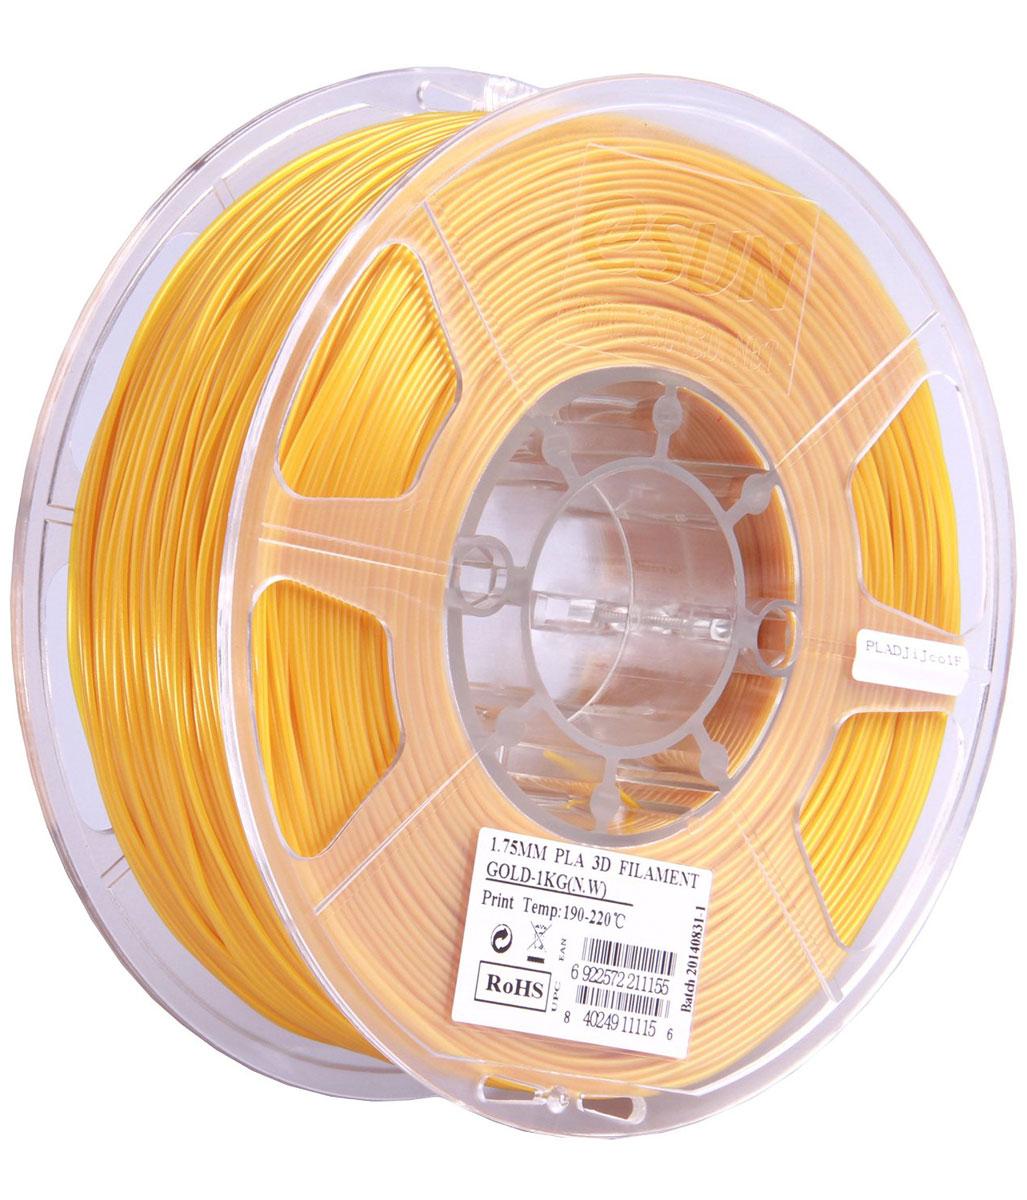 ESUN PLA-пластик в катушке, Gold (PLA175J1)PLA175J1Пластик PLA от ESUN долговечный и очень прочный полимер, ударопрочный, эластичный и стойкий к моющим средствам и щелочам. Один из лучших материалов для печати на 3D принтере. Пластик не имеет запаха и не является токсичным. Температура плавления 190-220°C. PLA пластик для 3D-принтера применяется в деталях автомобилей, канцелярских изделиях, корпусах бытовой техники, мебели, сантехники, а также в производстве игрушек, сувениров, спортивного инвентаря, деталей оружия, медицинского оборудования и прочего. Диаметр нити: 1.75 мм